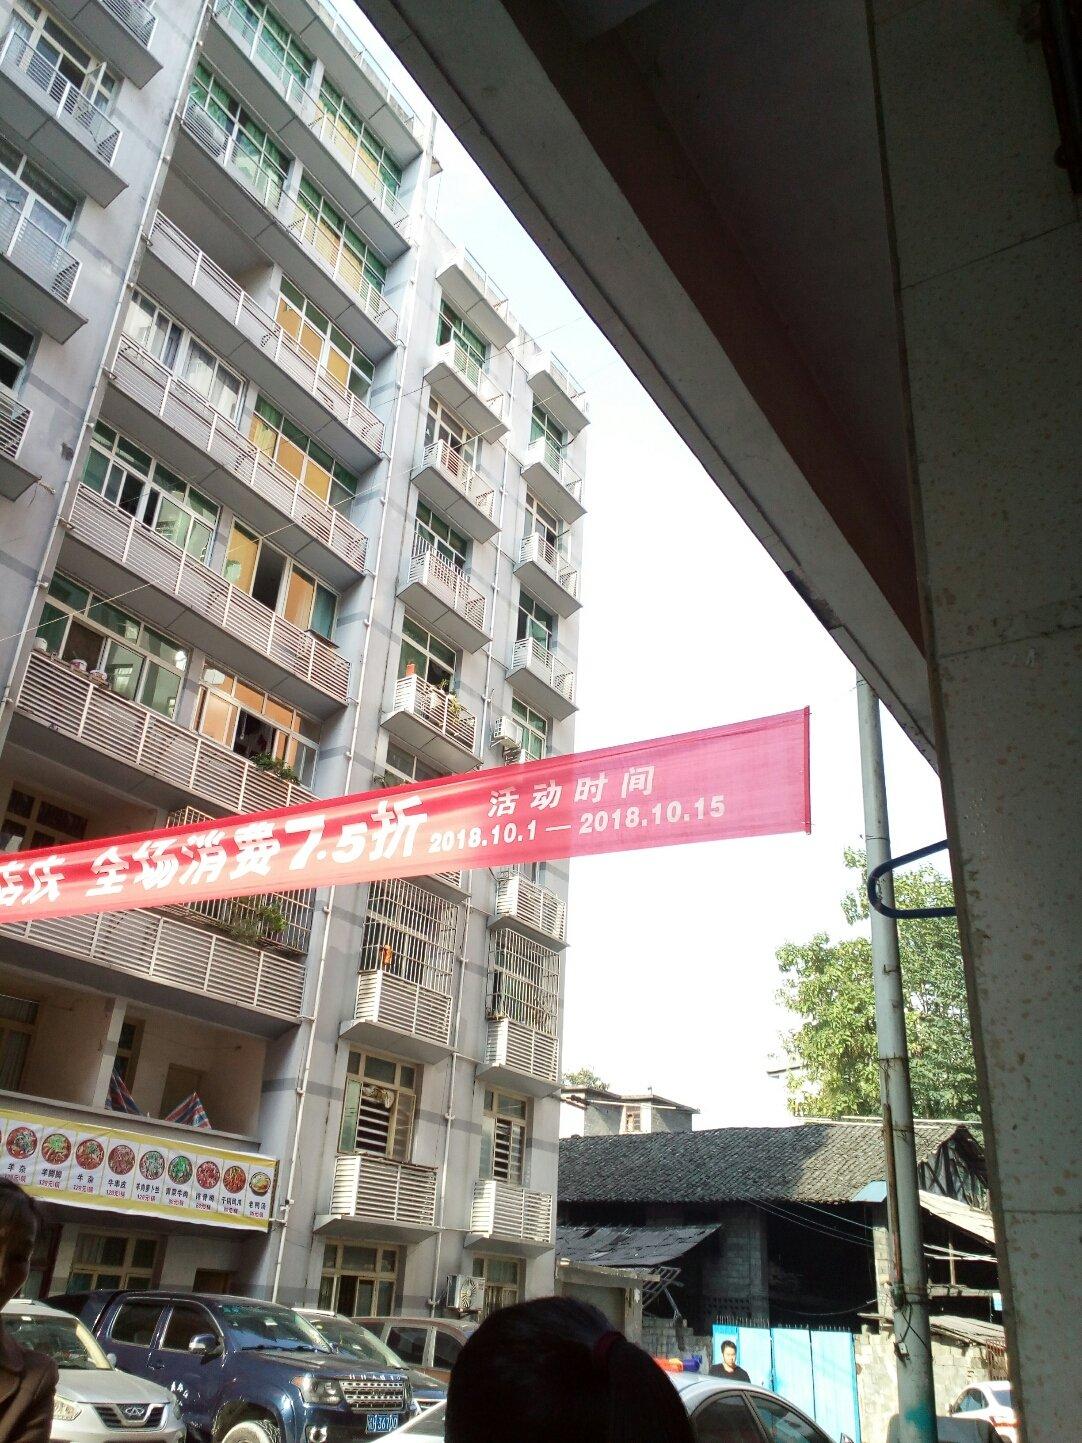 重庆市黔江区文汇路靠近重庆市黔江体育运动学校天气预报